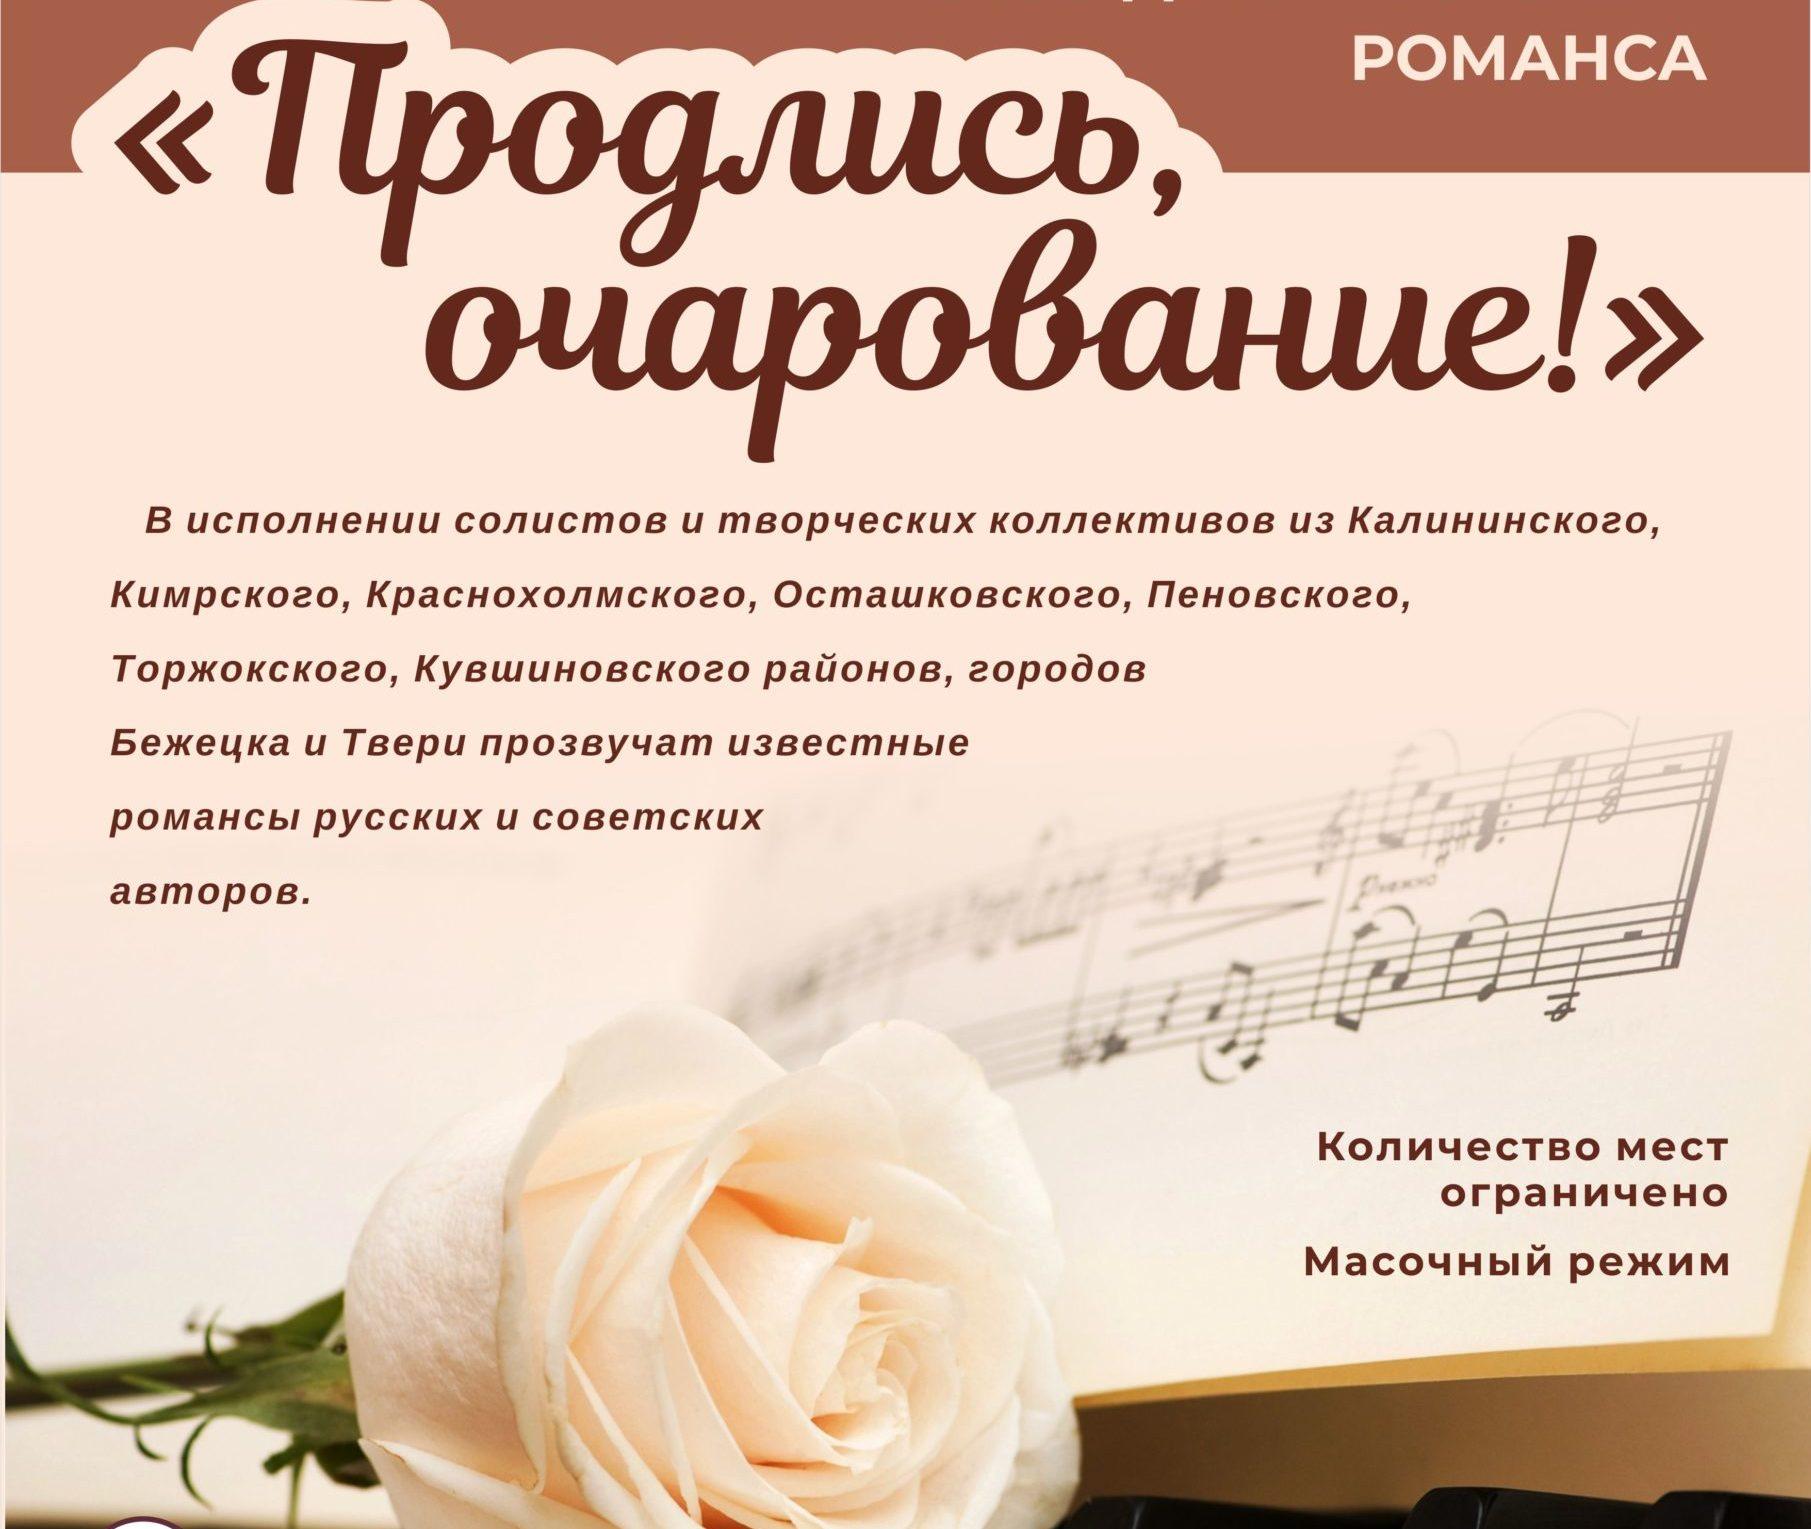 Творческие коллективы Верхневолжья спели на празднике русского романса